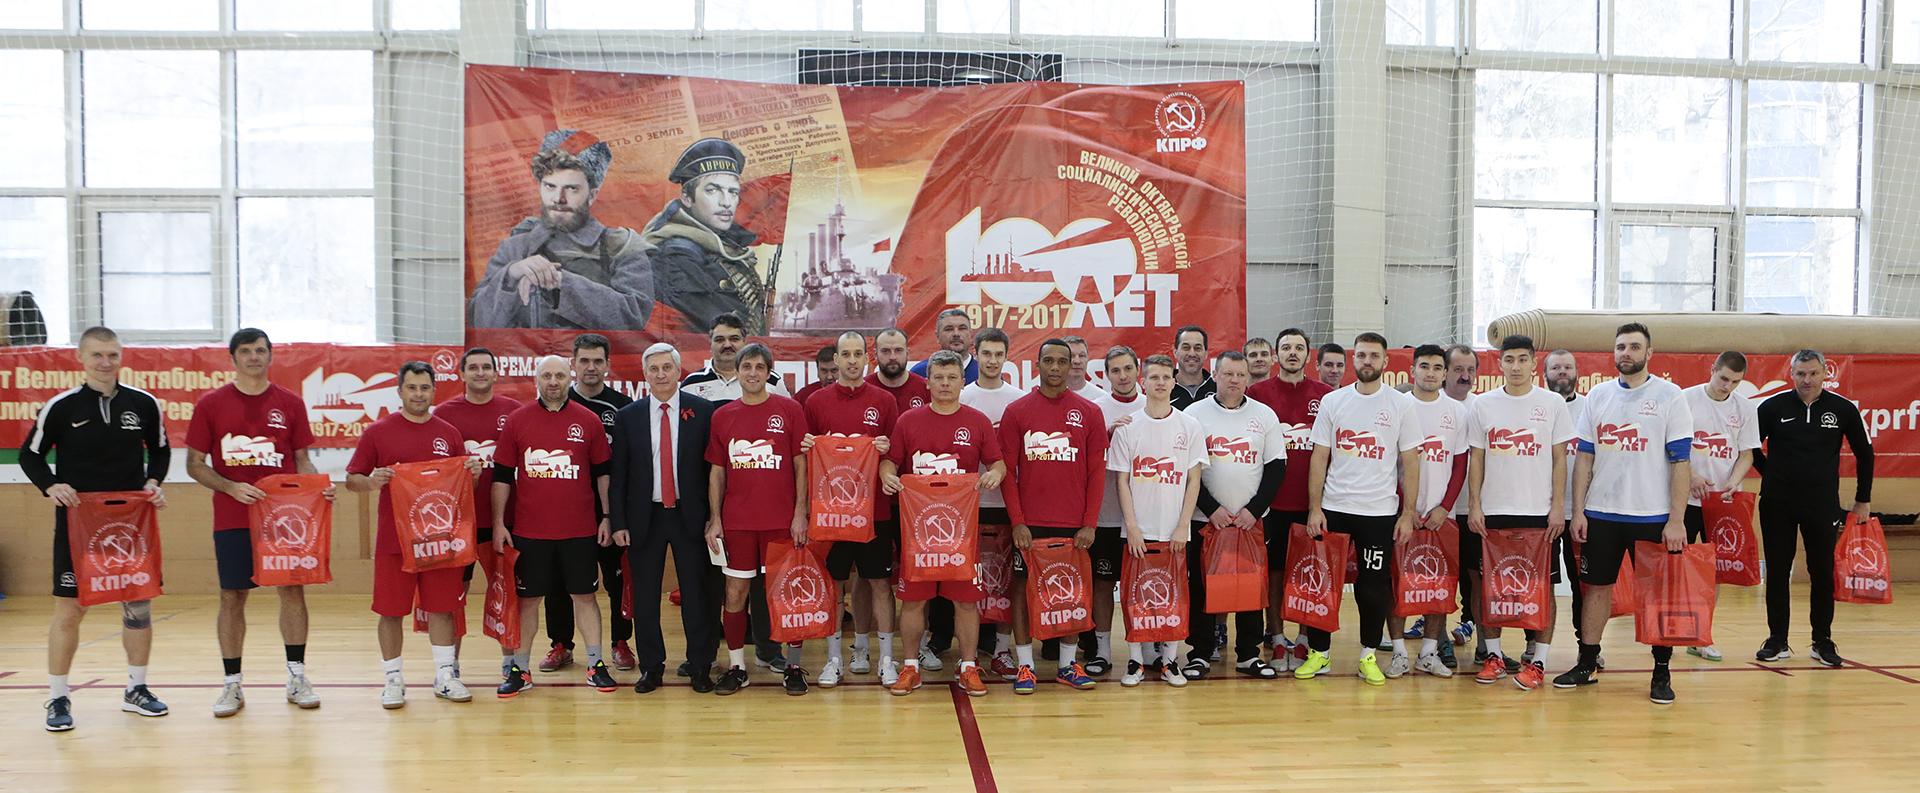 МФК КПРФ провел дружеский матч в честь 100-летия Революции